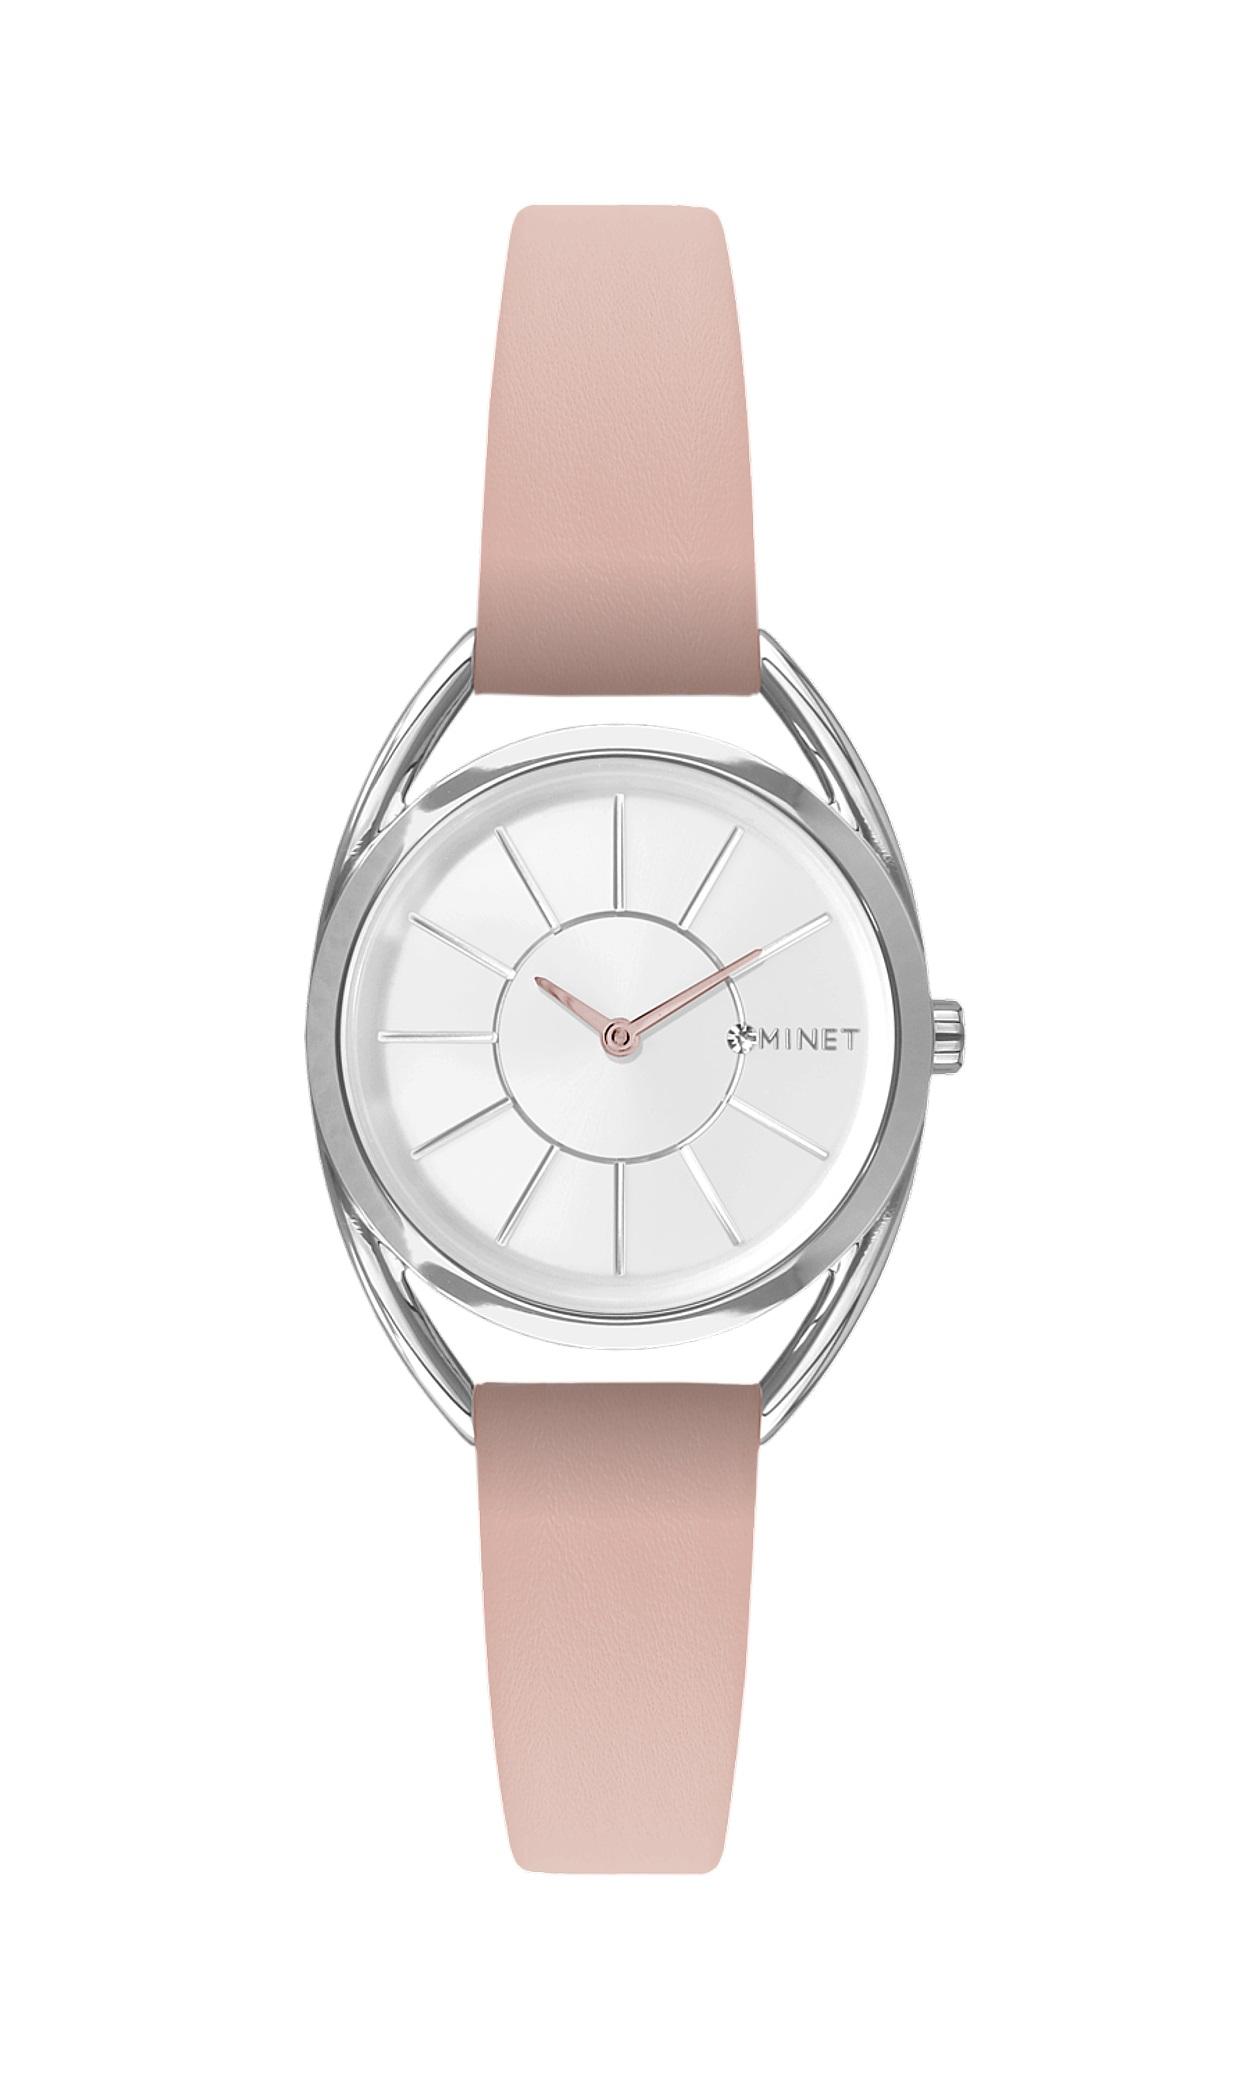 Růžové dámské hodinky MINET ICON NUDE PINK MWL5020 (POŠTOVNÉ ZDARMA!! )